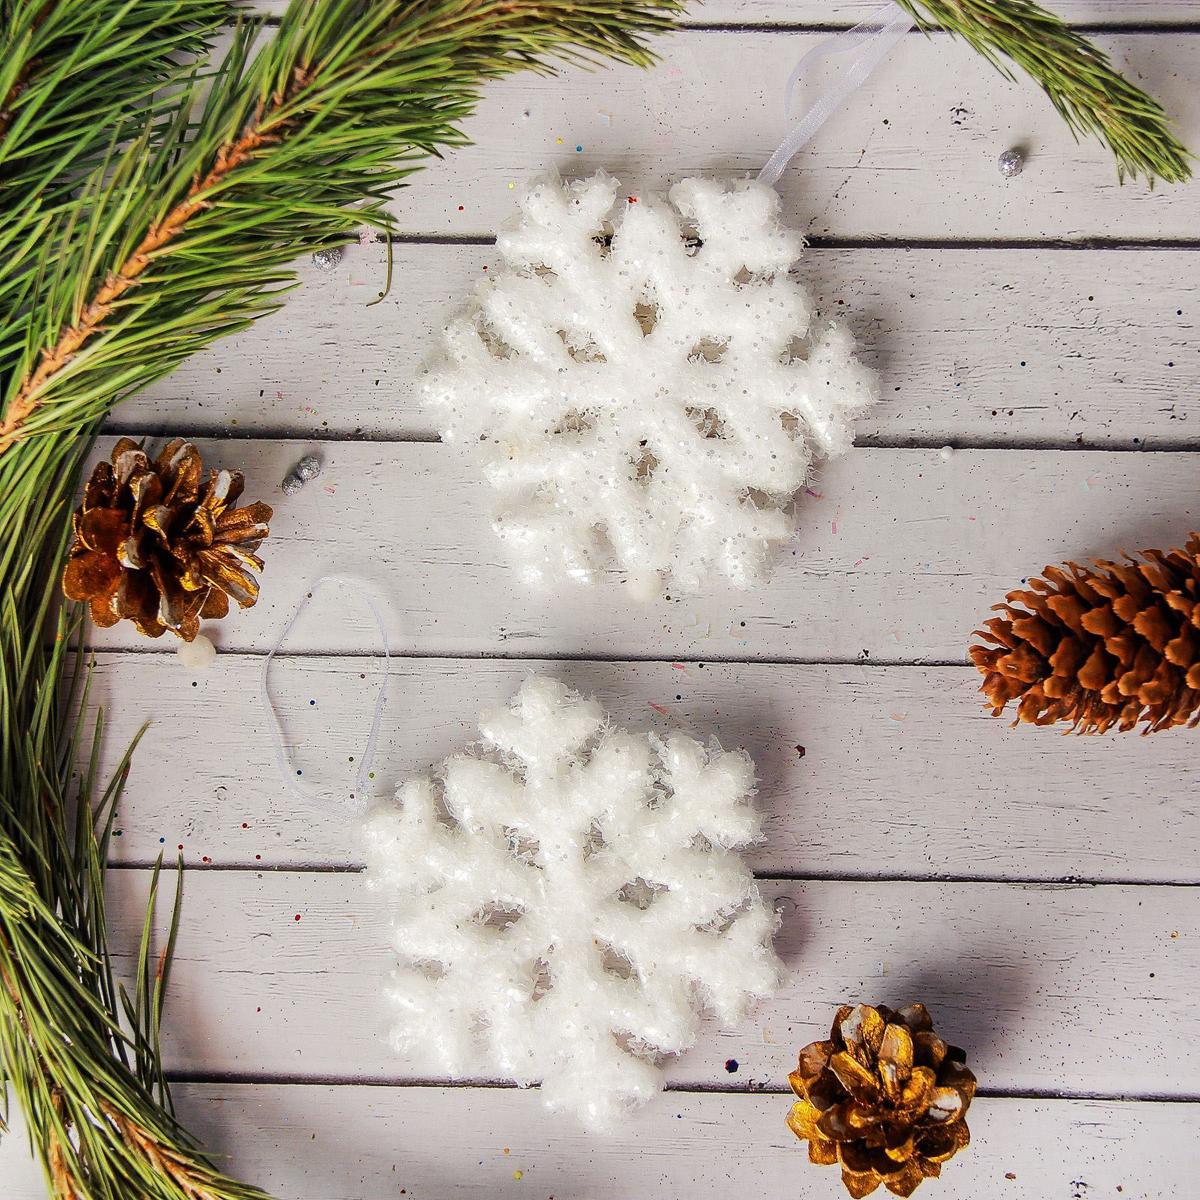 Набор новогодних подвесных украшений Sima-land Сахарное, 9 см, 2 шт2372165Набор новогодних подвесных украшений Sima-land отлично подойдет для декорации вашего дома и новогодней ели. Новогодние украшения можно повесить в любом понравившемся вам месте. Но, конечно, удачнее всего они будет смотреться на праздничной елке.Елочная игрушка - символ Нового года. Она несет в себе волшебство и красоту праздника. Такое украшение создаст в вашем доме атмосферу праздника, веселья и радости.